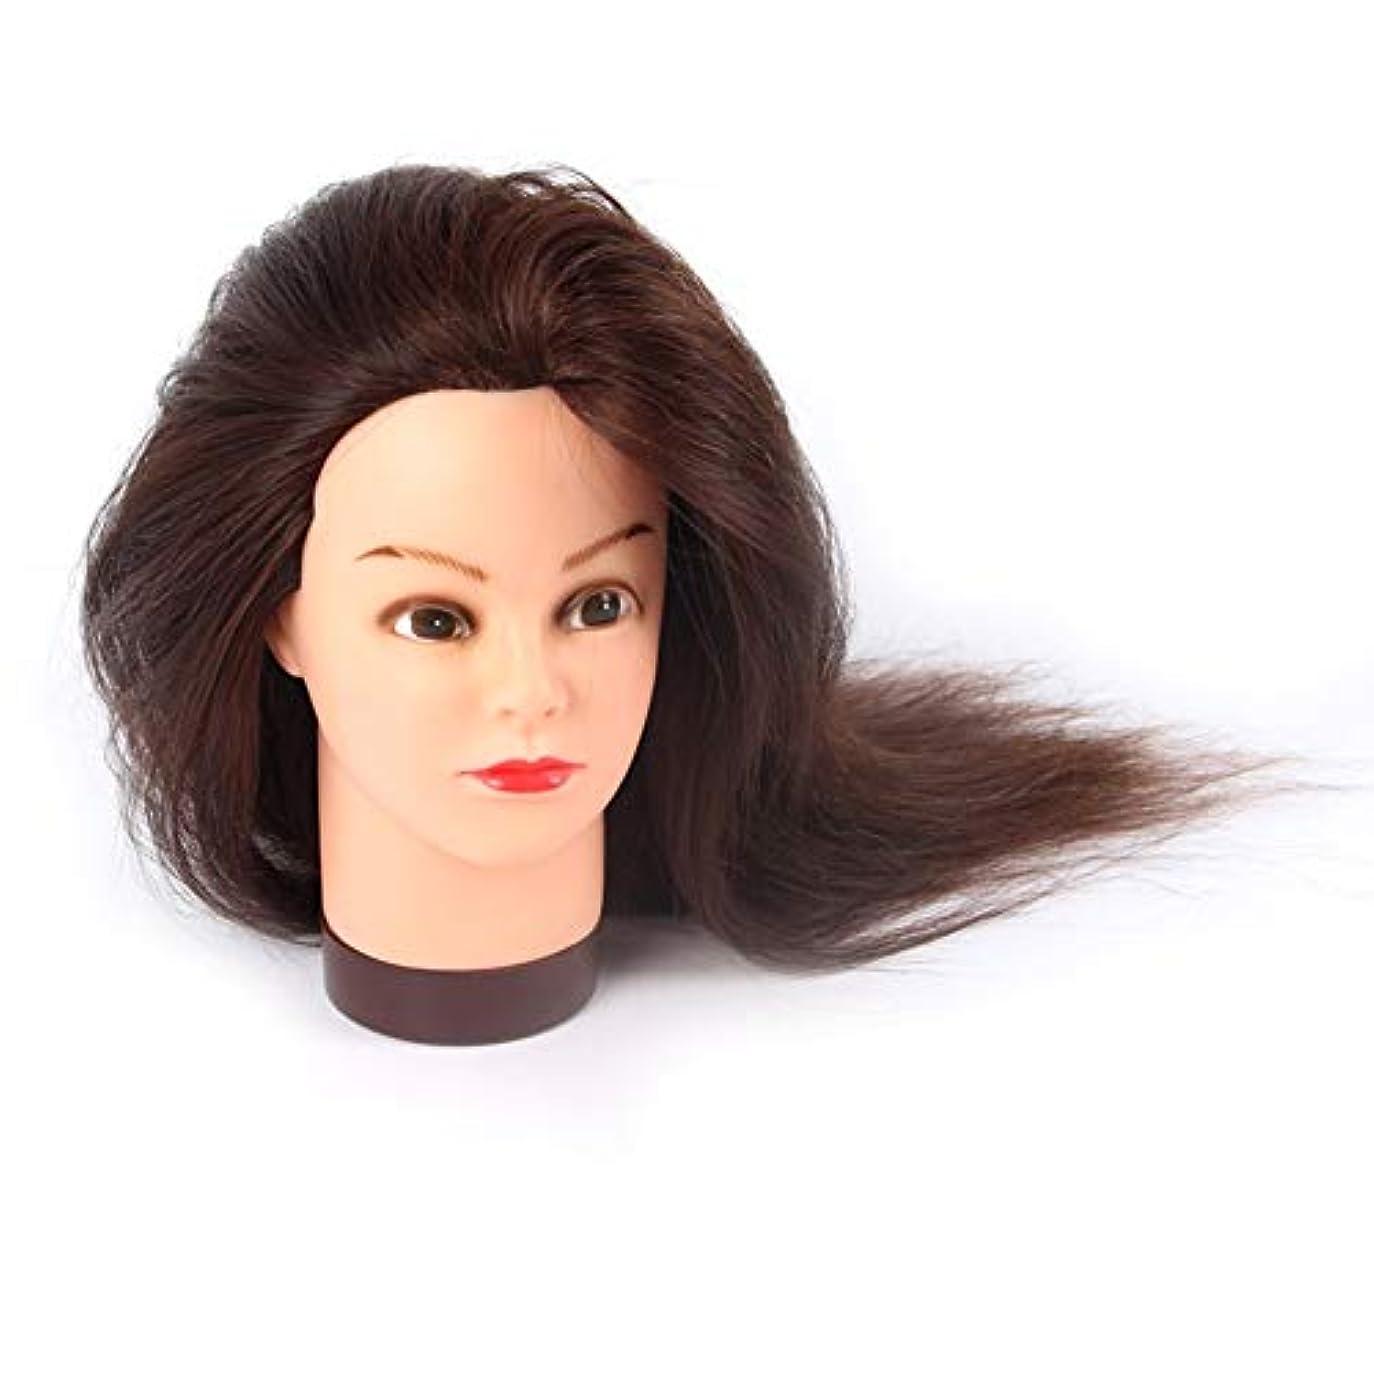 センブランス有限スケートリアルヘア熱いロール指導ヘッド理髪店学習パーマ髪染めダミーヘッド花嫁メイクモデリングマネキンヘッド